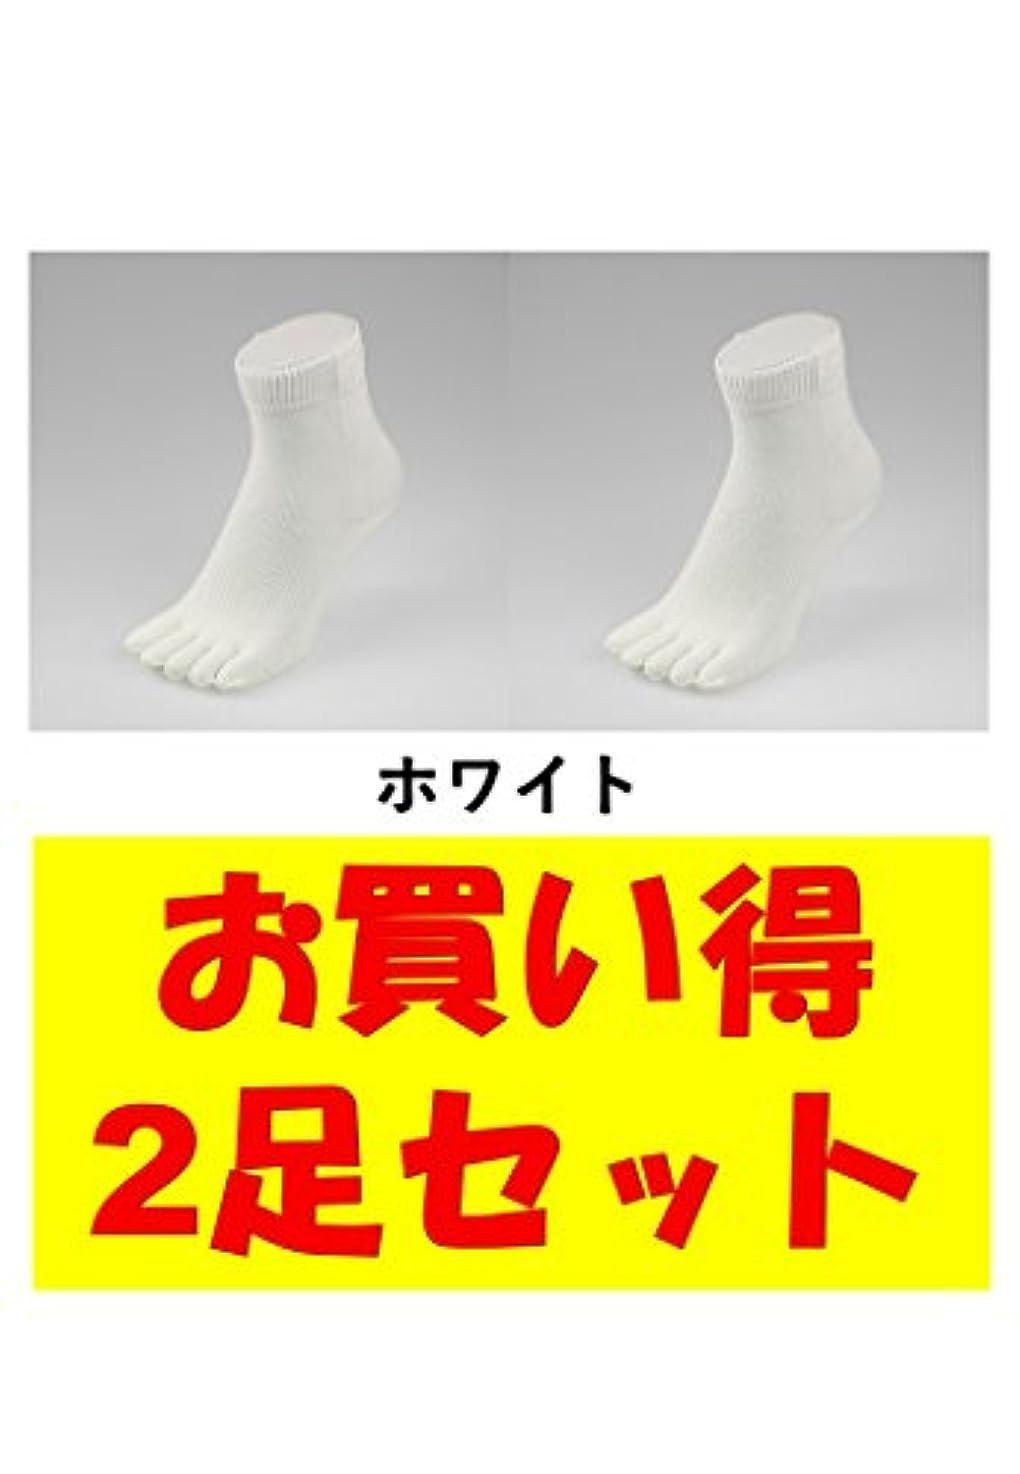 いいね小人マルコポーロお買い得2足セット 5本指 ゆびのばソックス Neo EVE(イヴ) ホワイト iサイズ(23.5cm - 25.5cm) YSNEVE-WHT